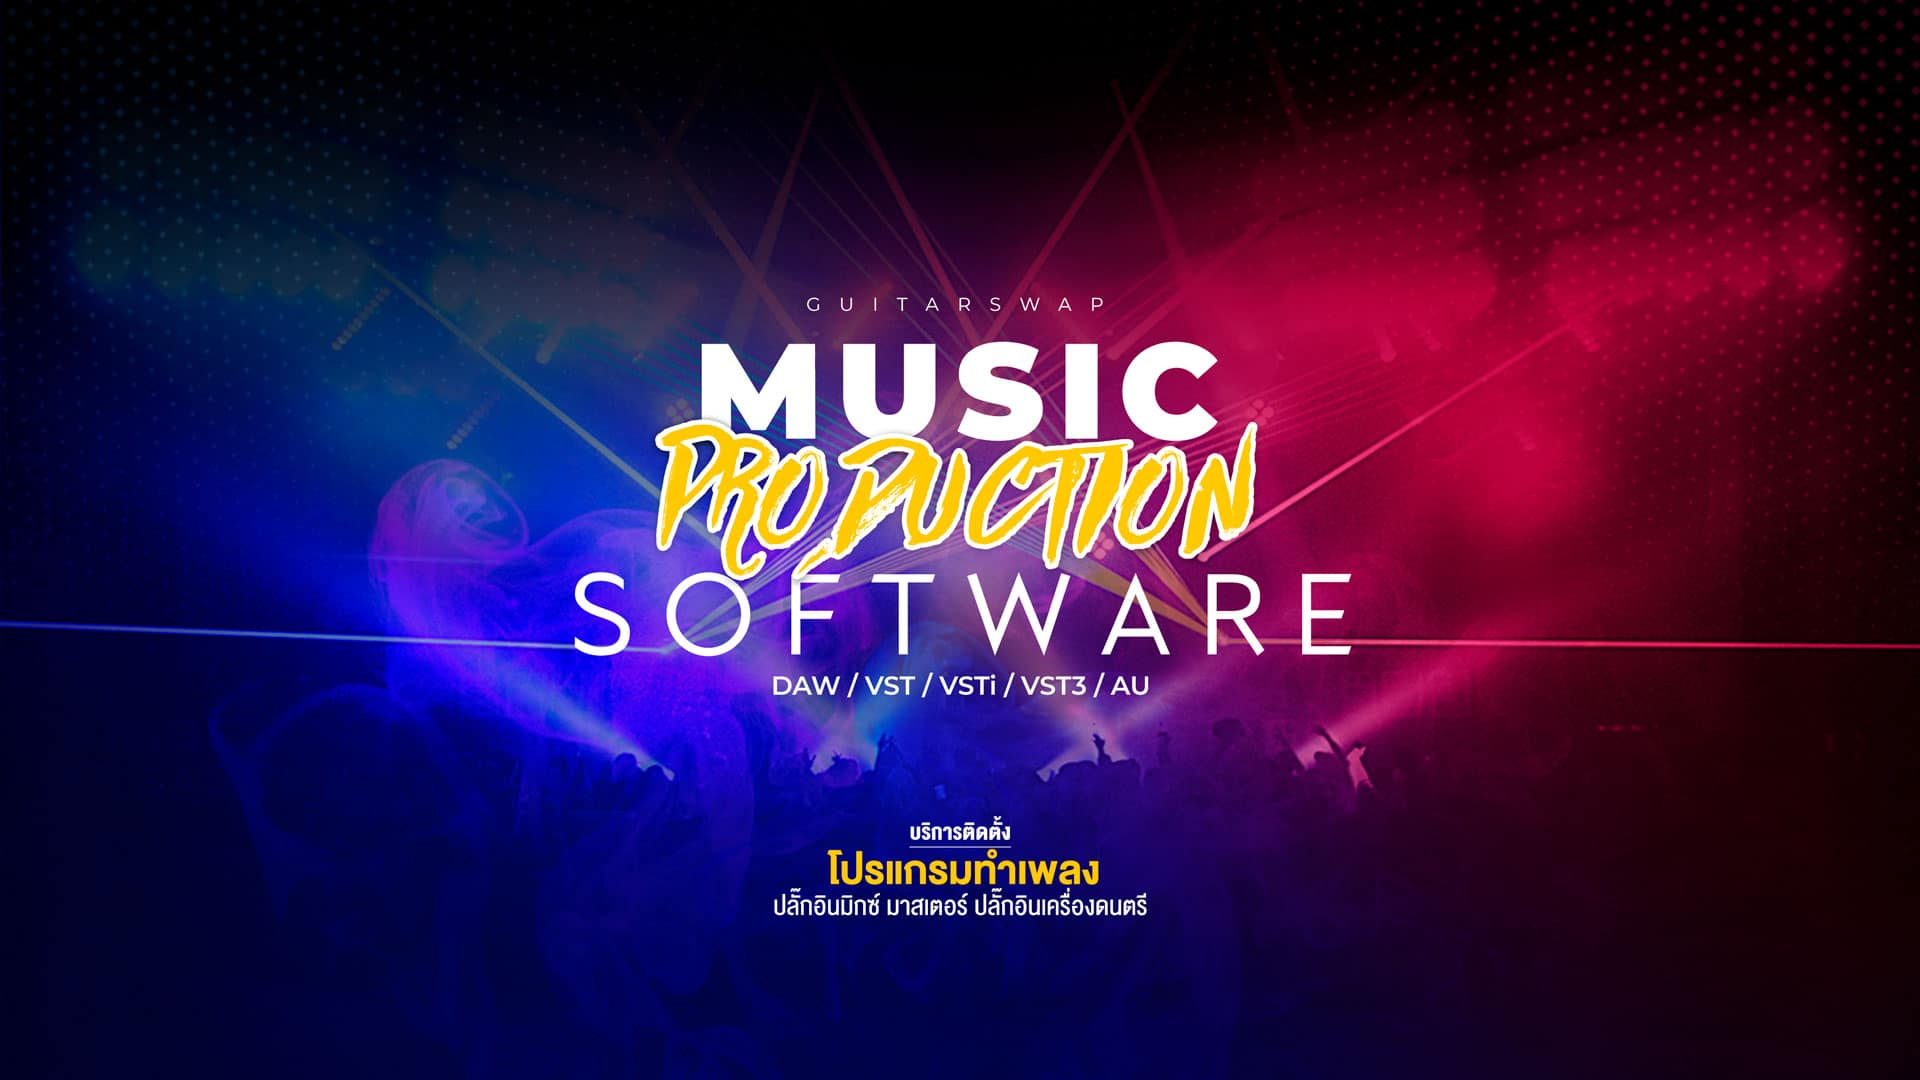 บริการติดตั้งโปรแกรมทำเพลง VST, VSTi ปลั๊กอิน มิกเสียง มาสเตอร์ โปรแกรมเครื่องดนตรี